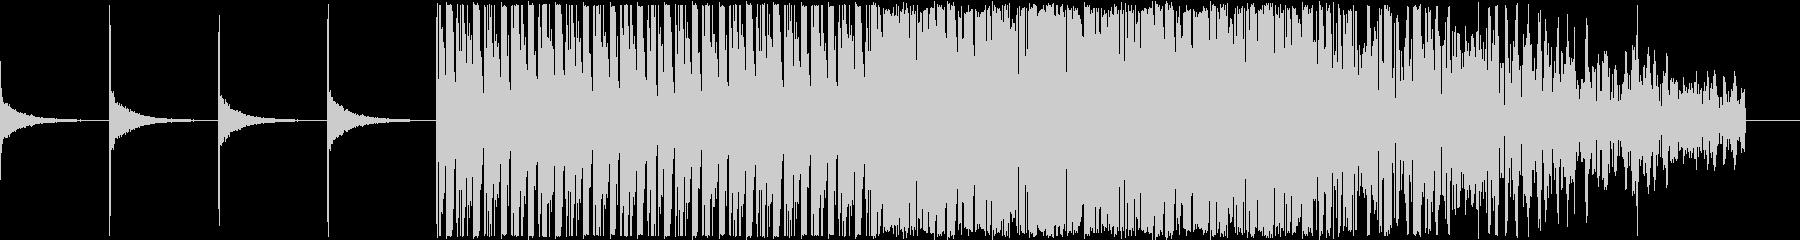 浮遊感ある中にノイズが混ざった電脳音楽の未再生の波形